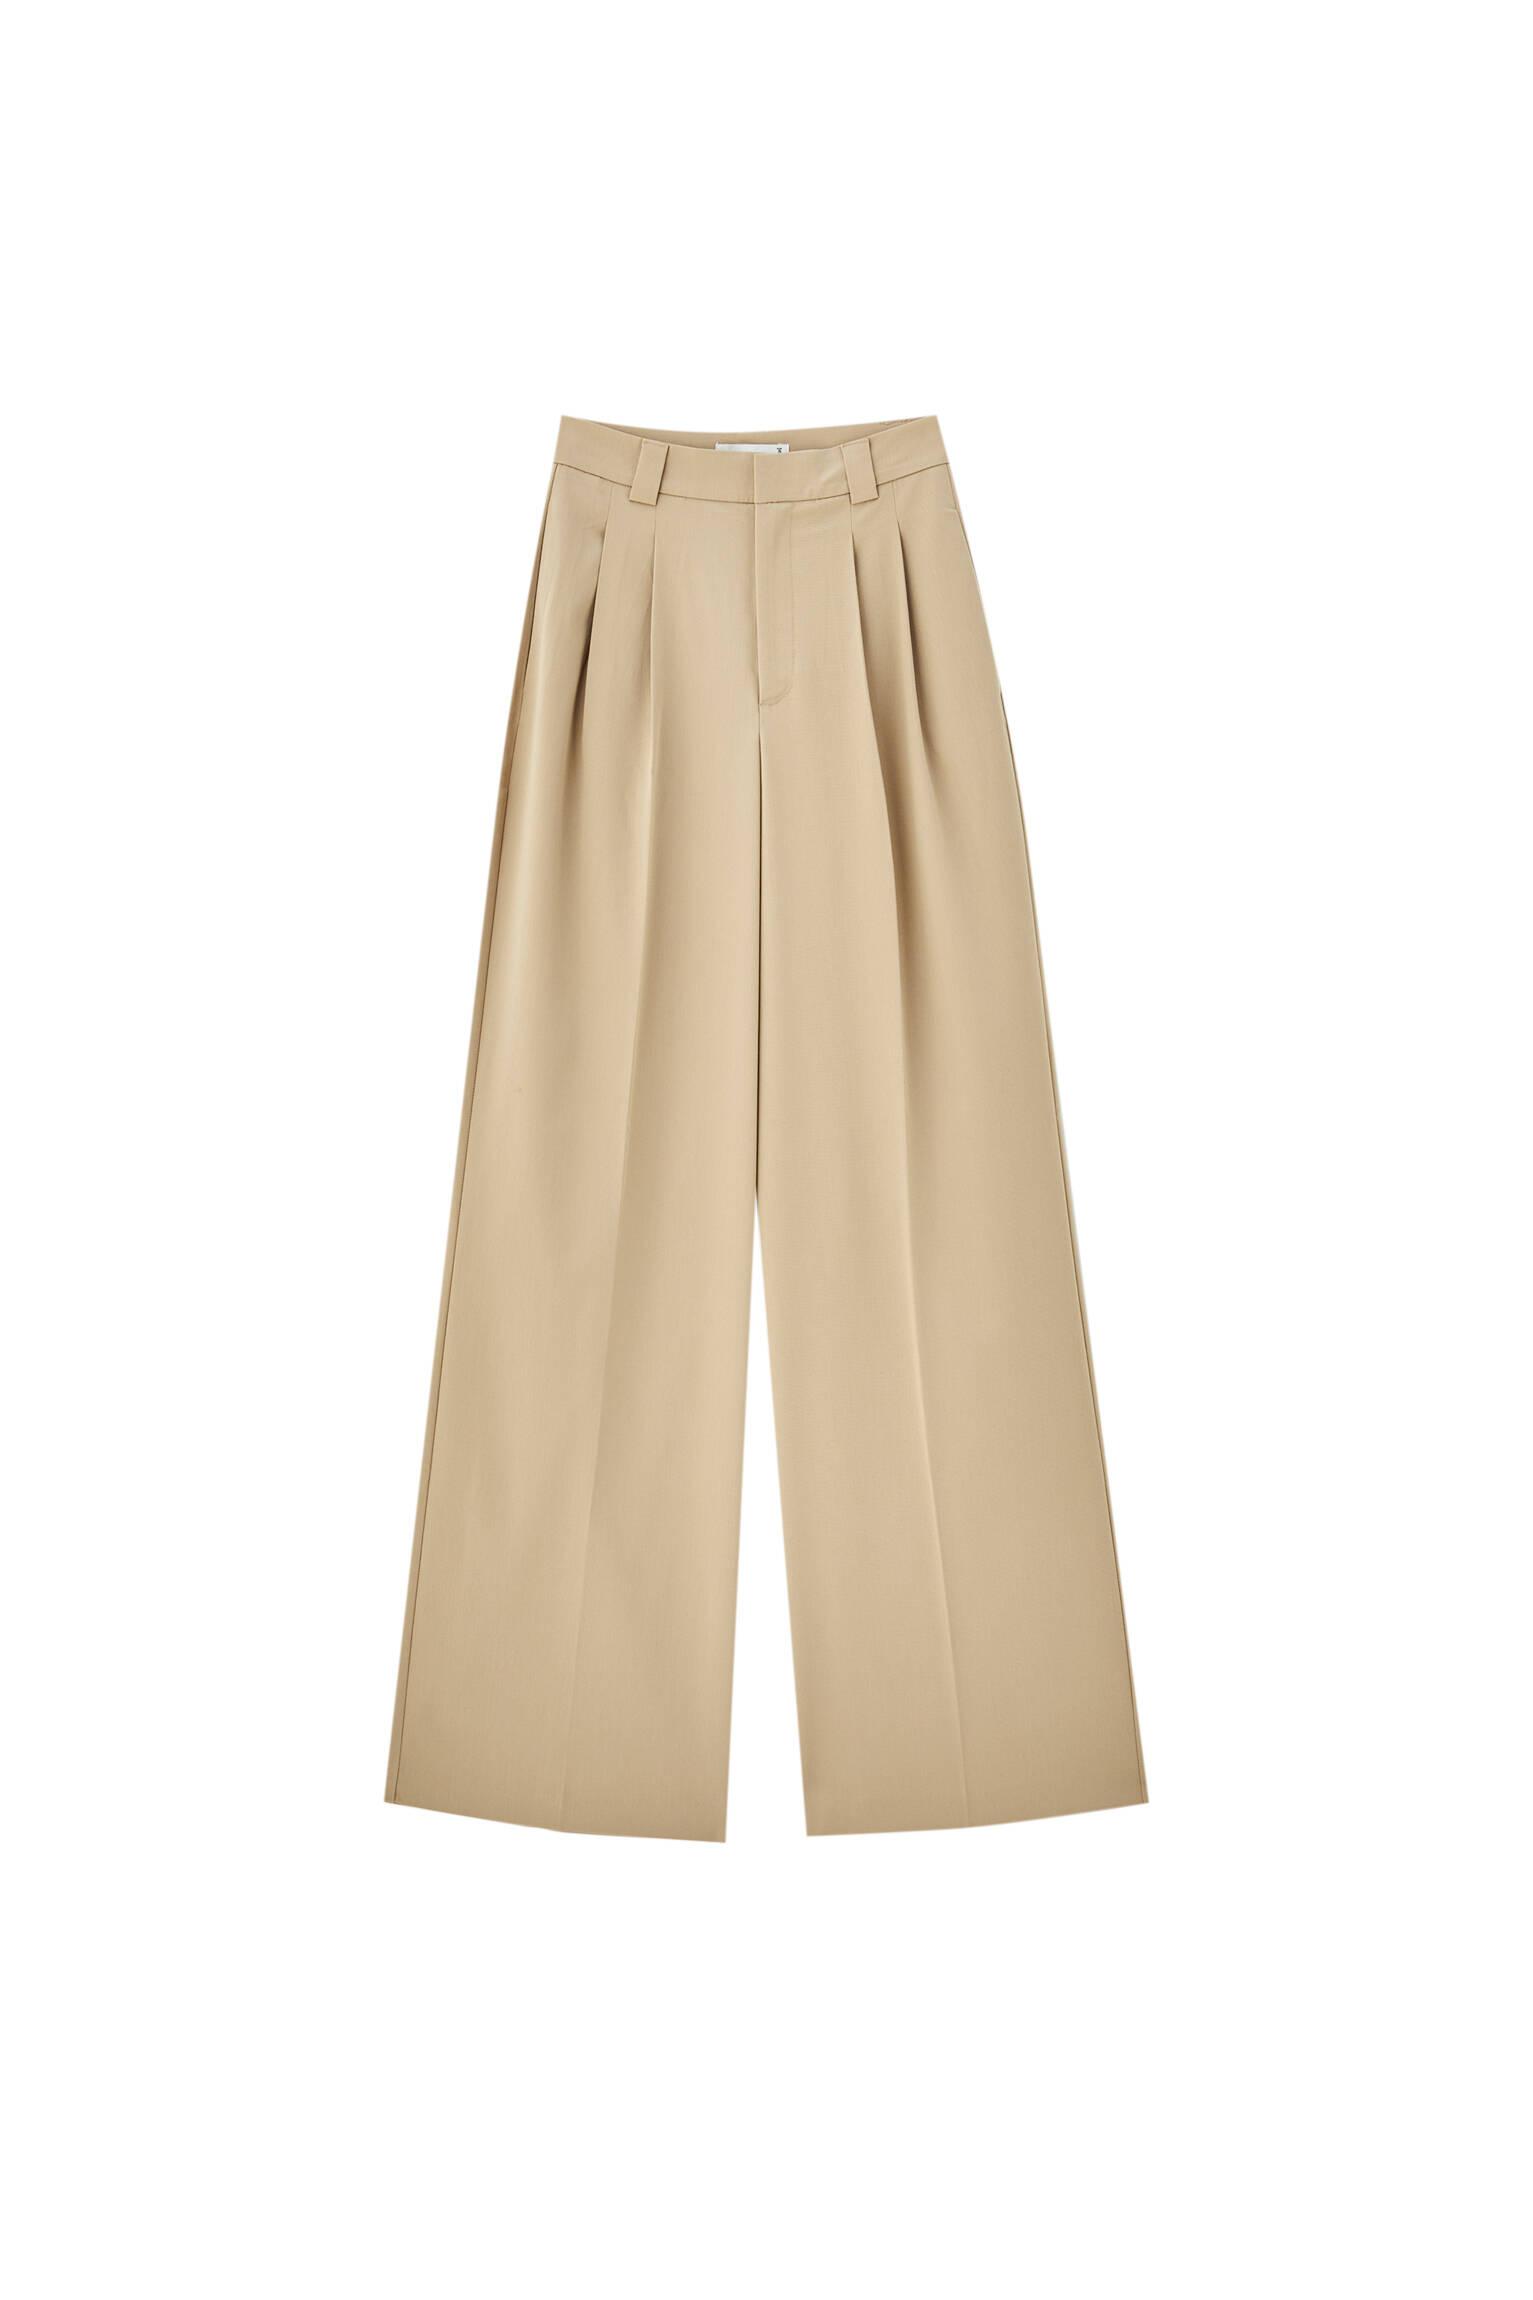 0-743 Базовые брюки с защипами и складками Pull & Bear